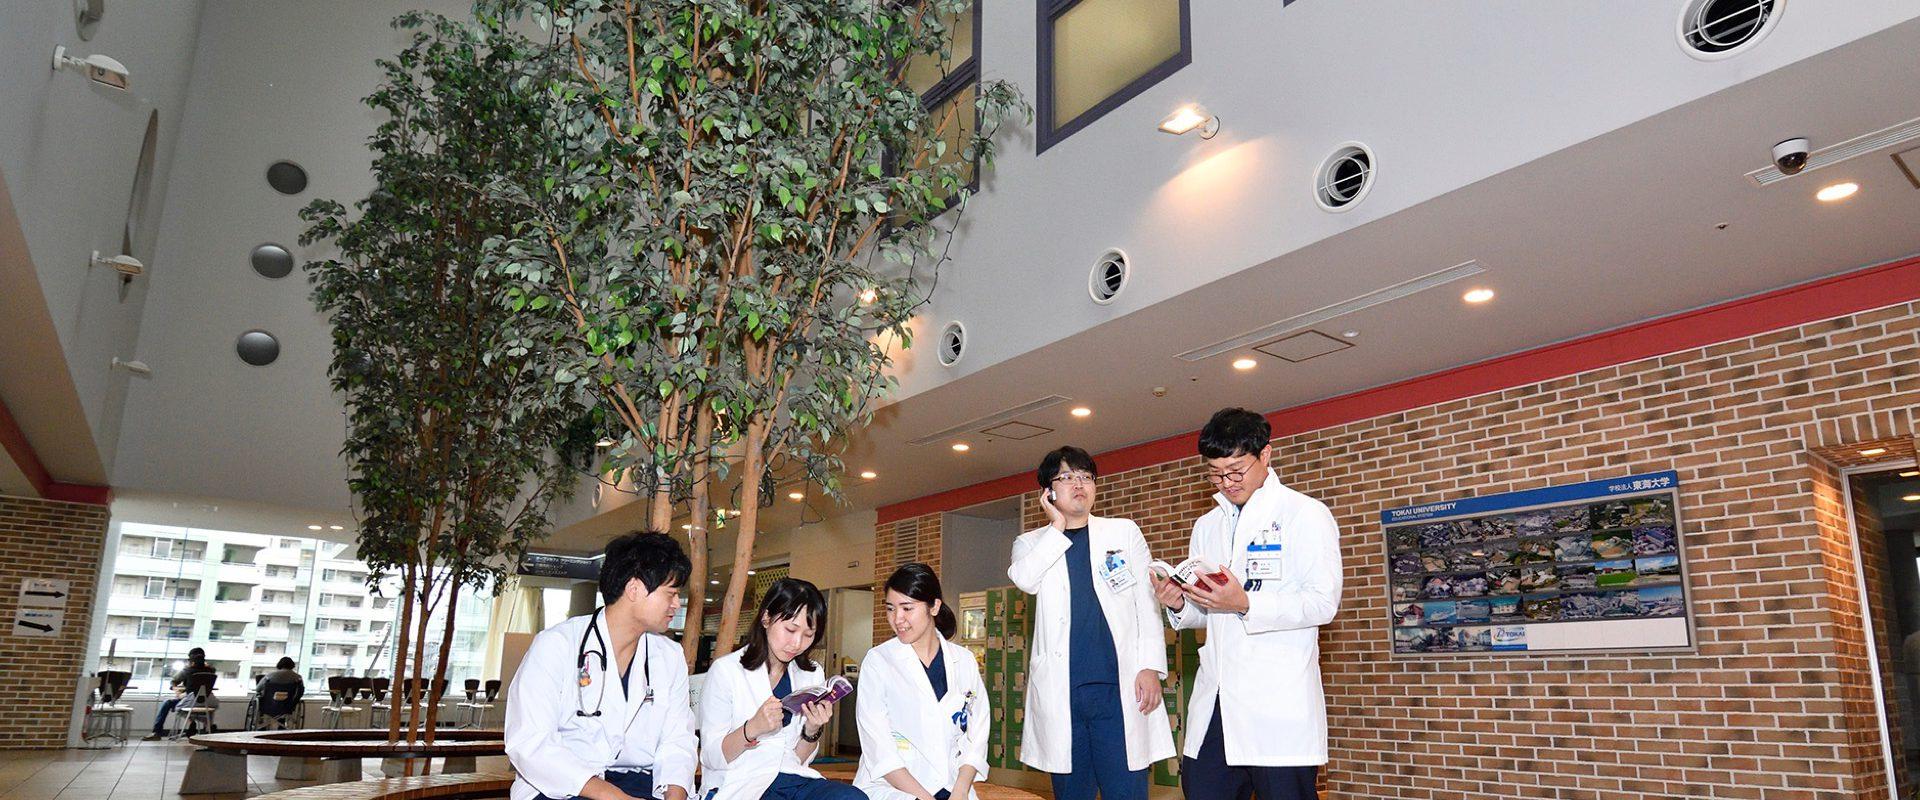 大学 医学部 東海 学部入学試験